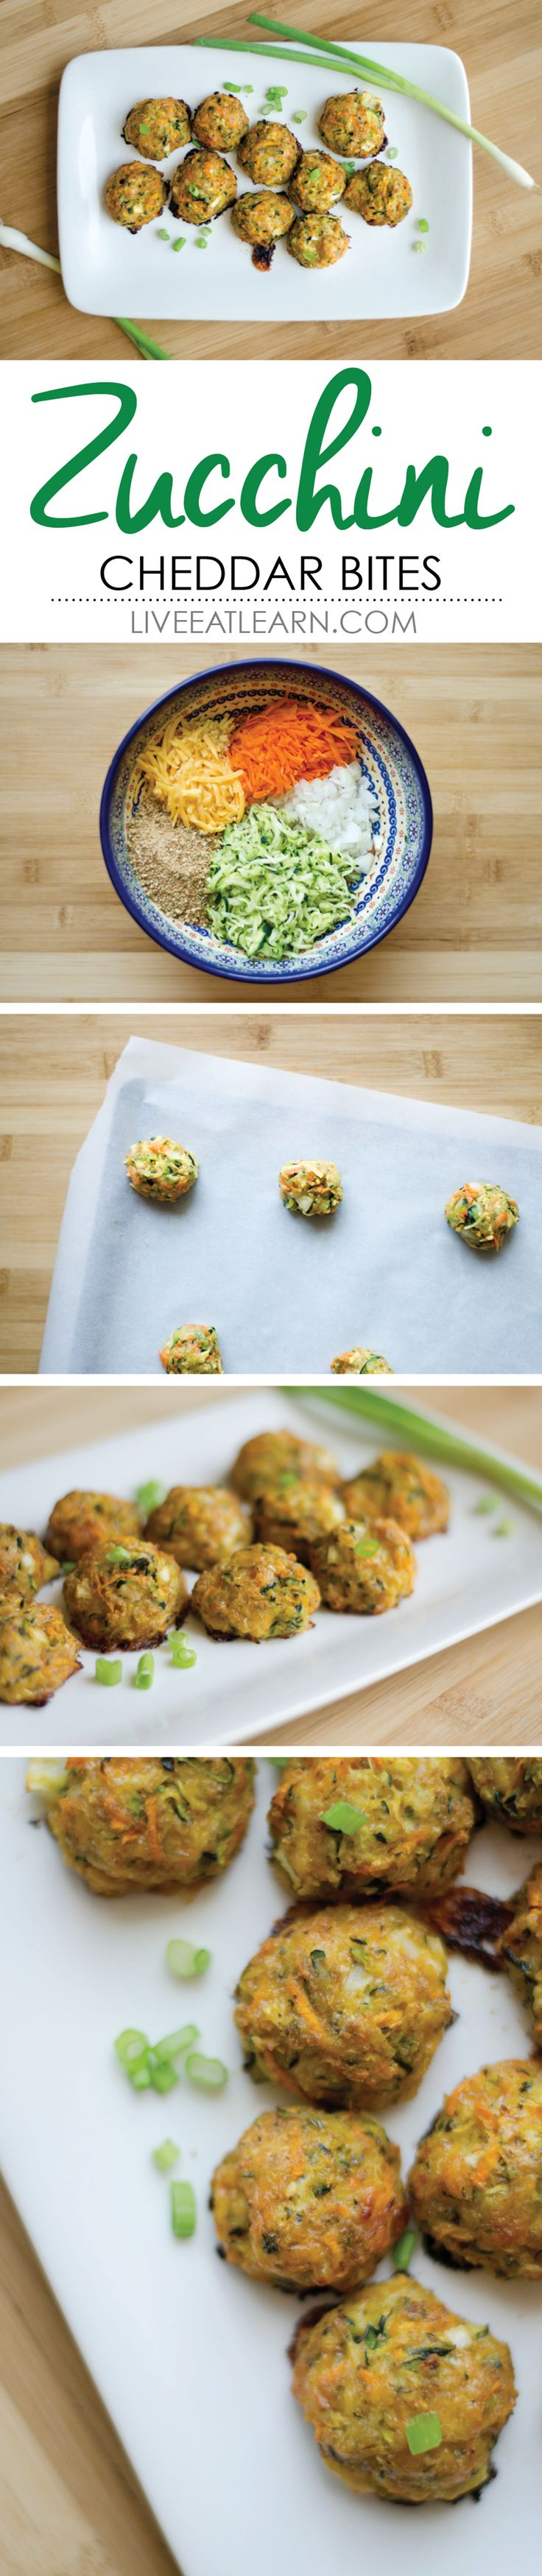 Zucchini Cheddar Bites | Recipe | Zucchini Bites, Zucchini and Cheddar